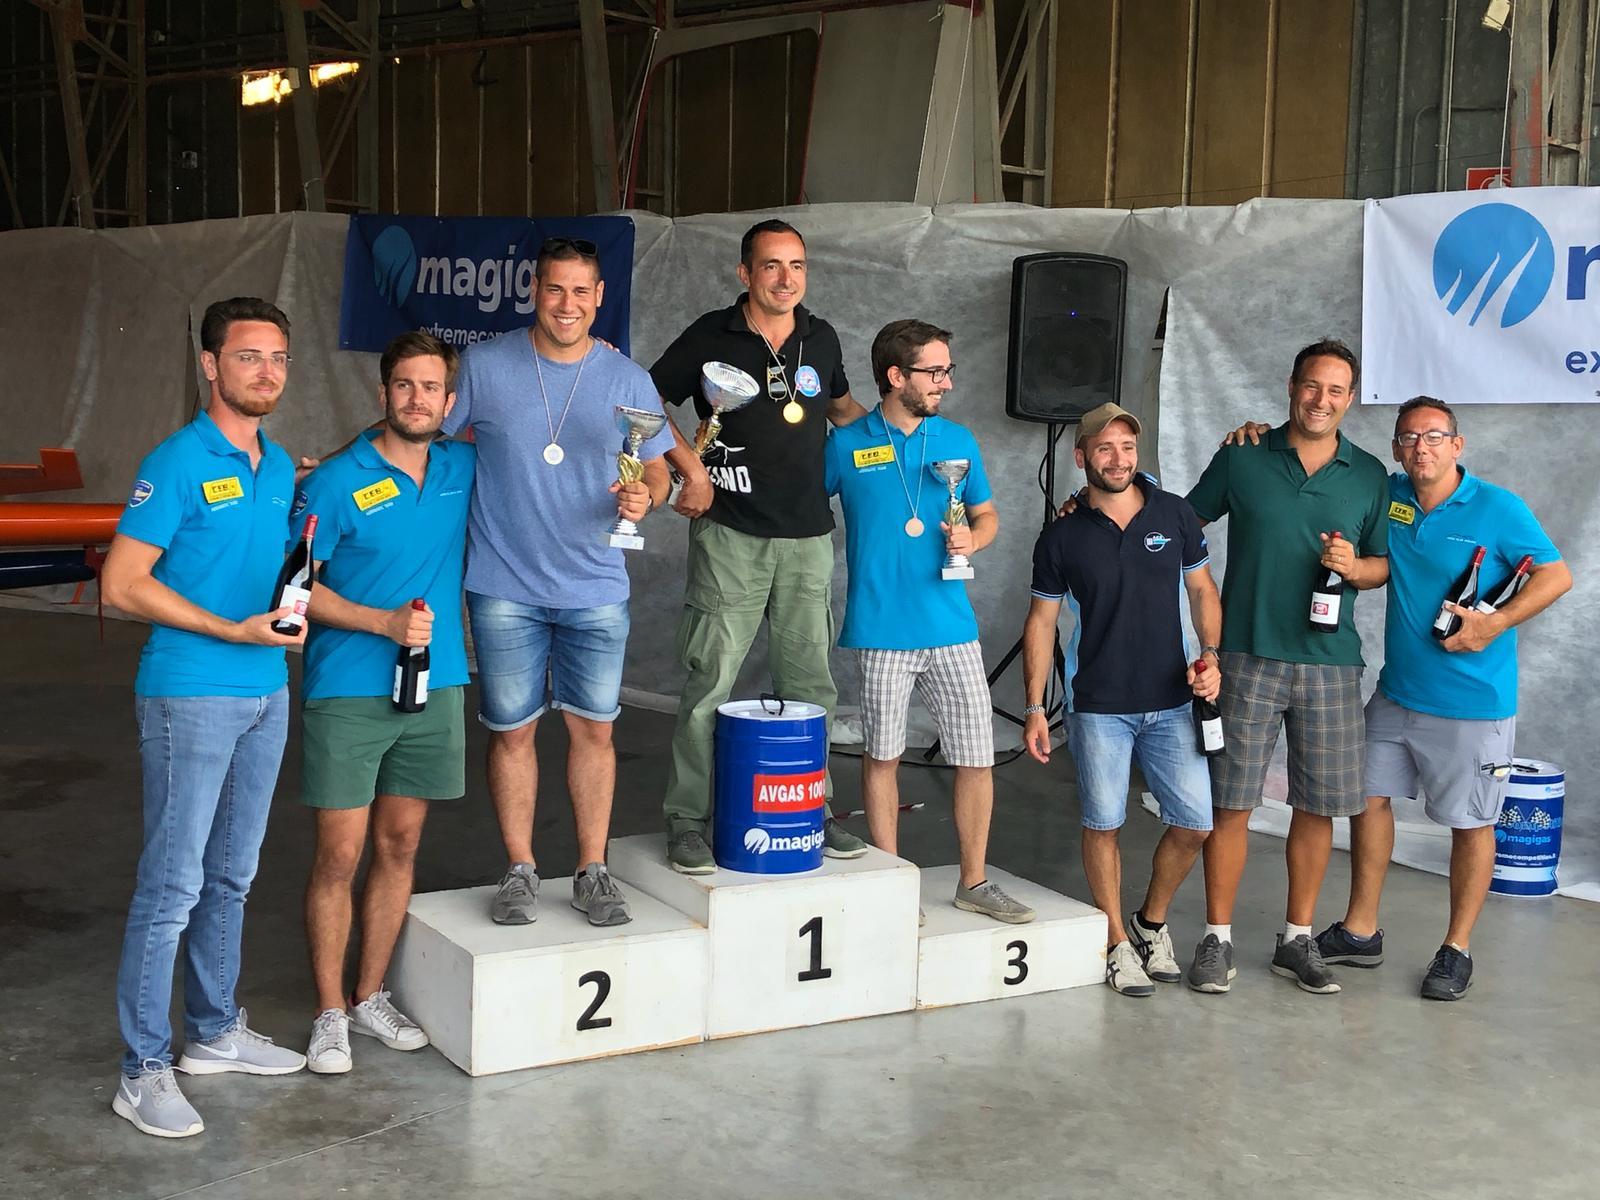 Campionato italiano Acrobazia Aerea a Motore